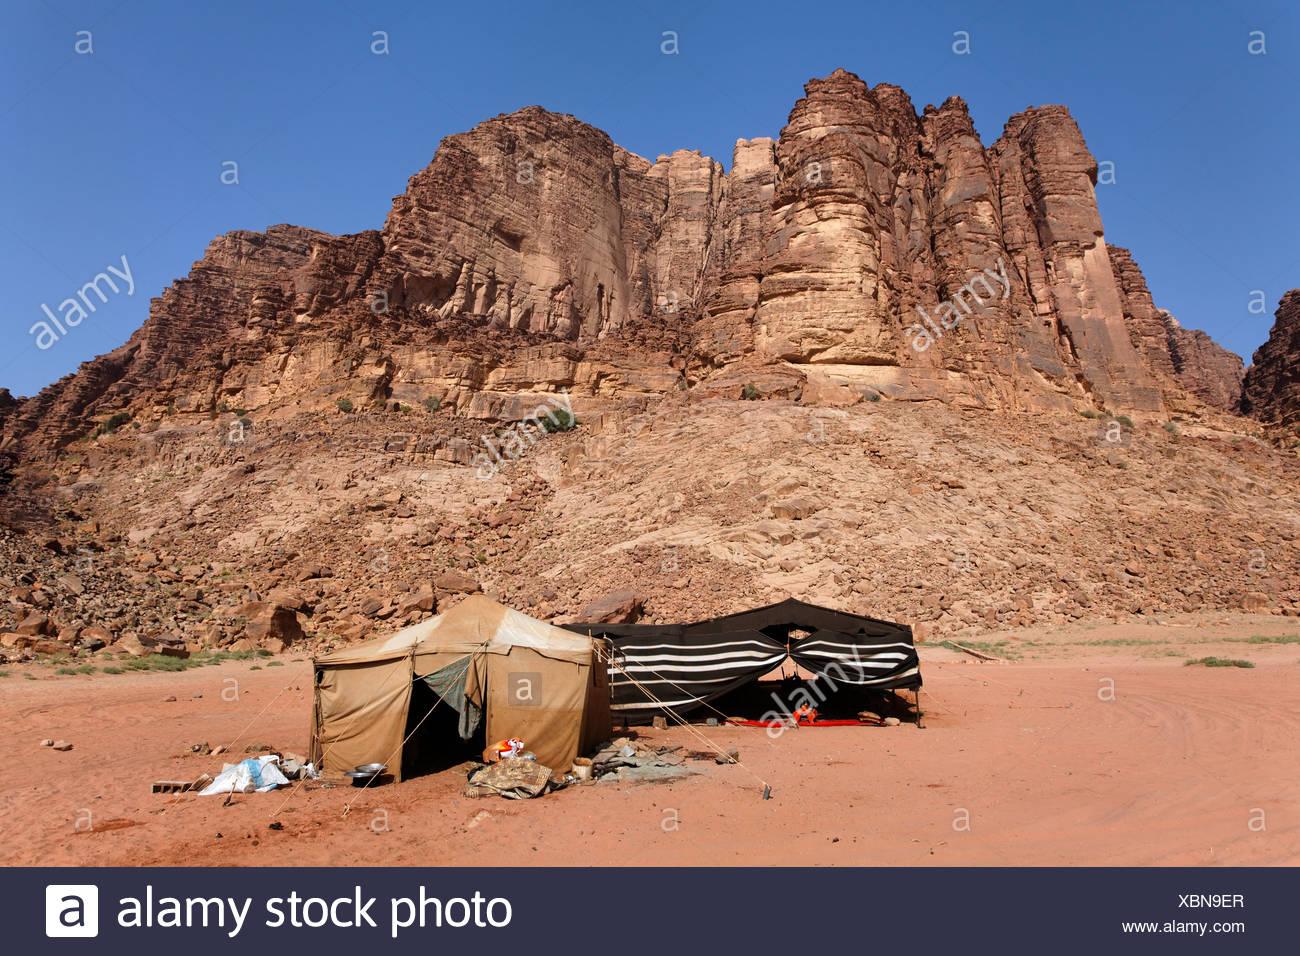 Berg mit Laurentius Feder, Beduinen-Camp, Lawrence von Arabien, Wüste, Wadi Rum, Haschemitischen Königreich Jordanien, Naher Osten Stockbild